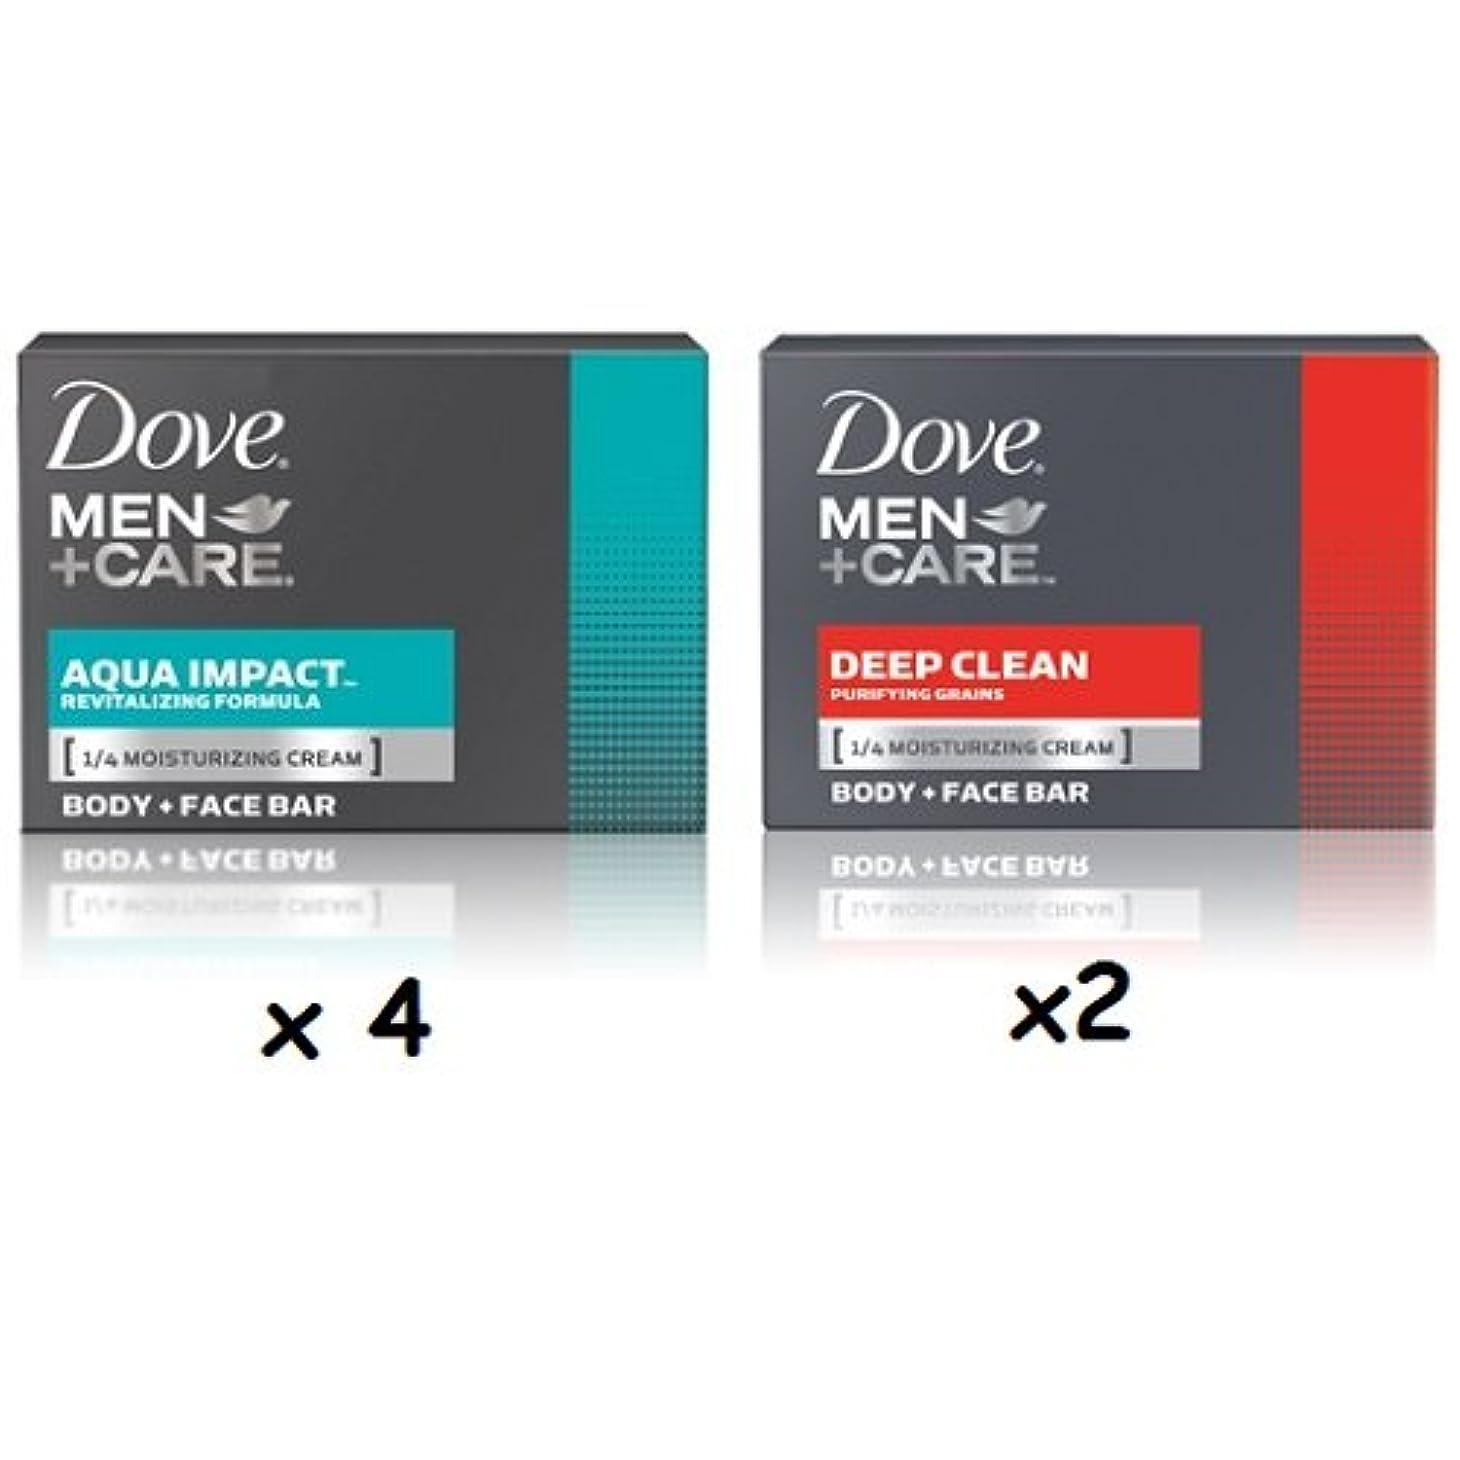 支配するタイヤ熟読する【6個セット】Dove MEN+CARE Body&Face Bar Soap (4ozx6) ダヴ メンズプラスケア 体&顔用の固形石鹸(113gx6)(Deep Clean 4個とAqua Impact2個 合計6個セット)